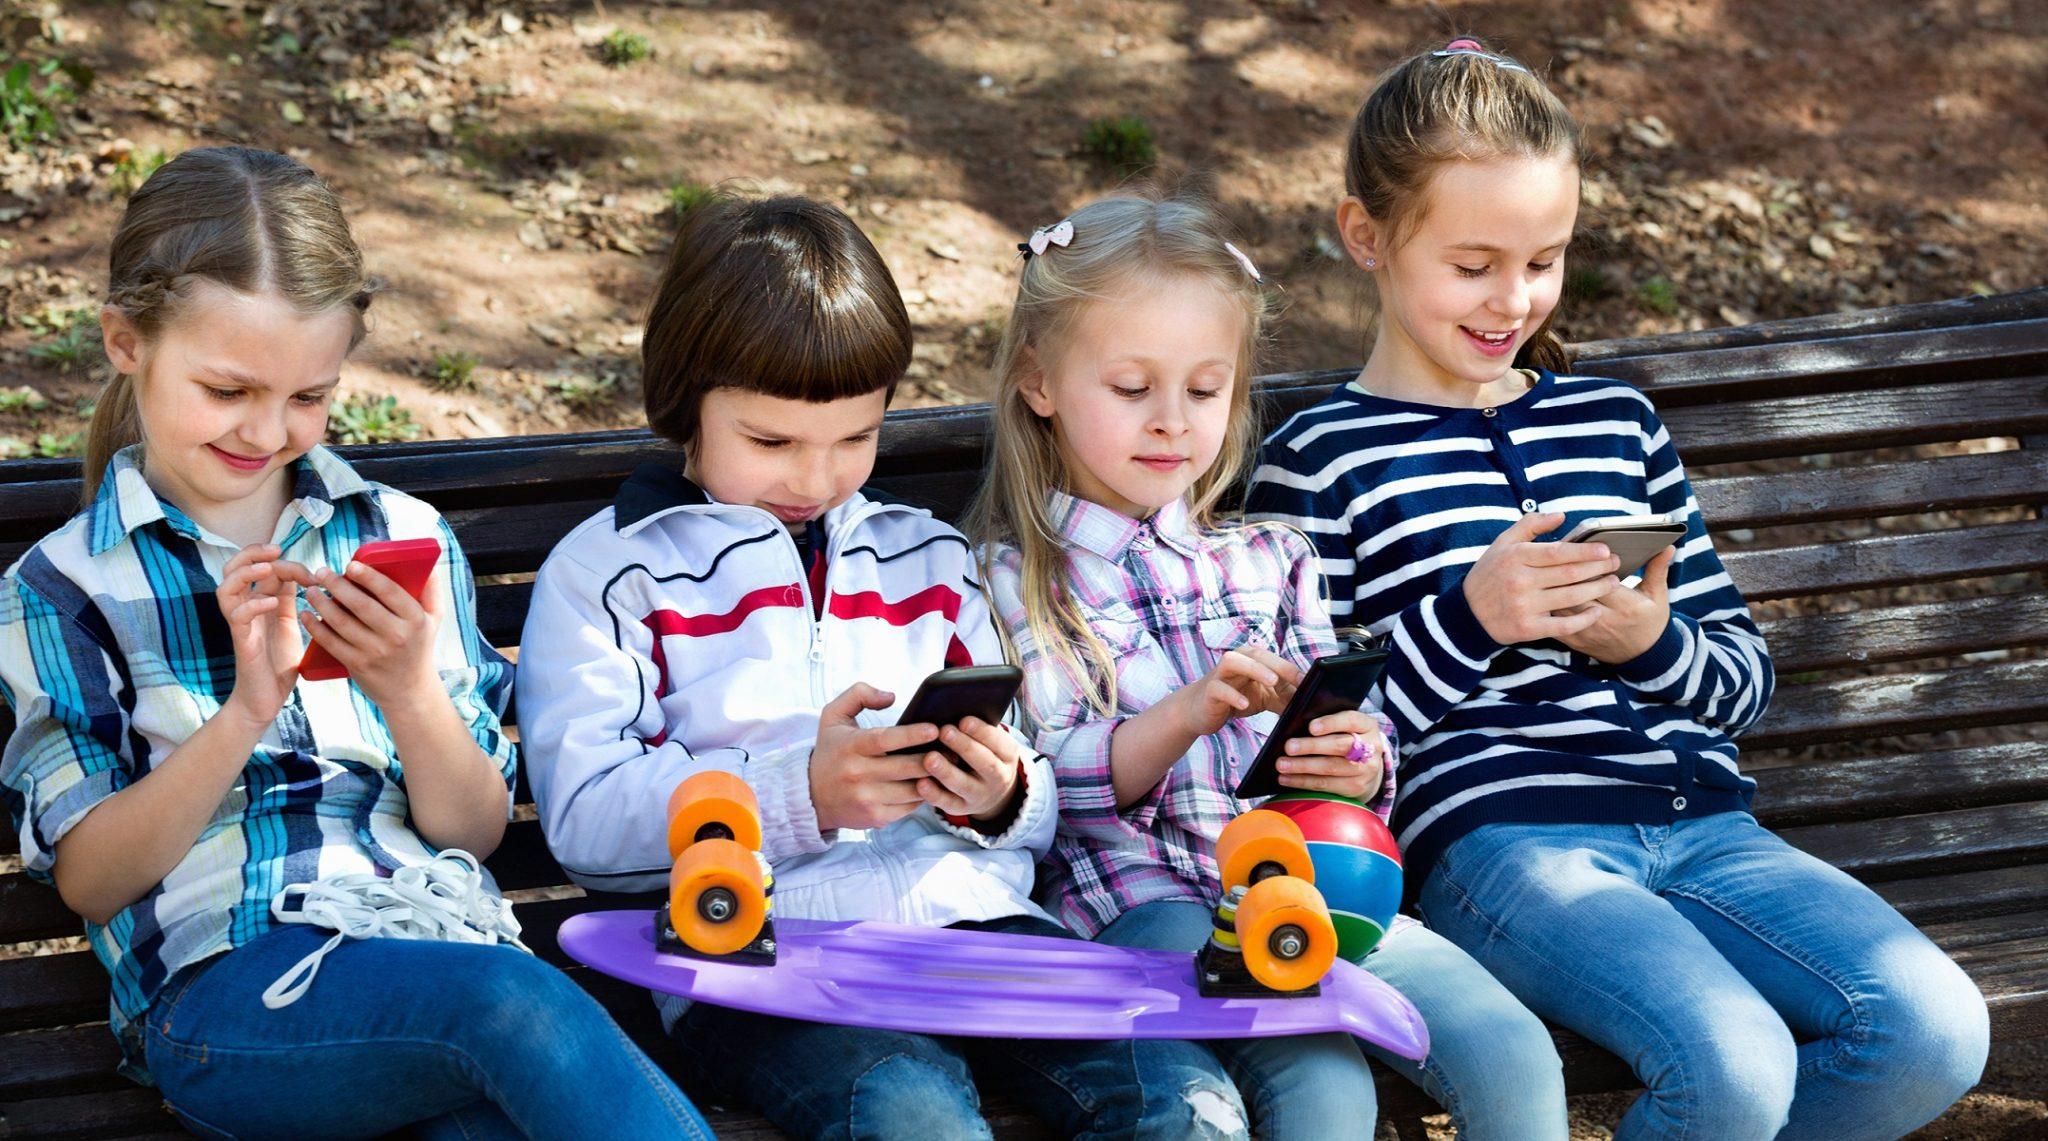 Проблемы школьных каникул: как вернуть деньги за онлайн-игру